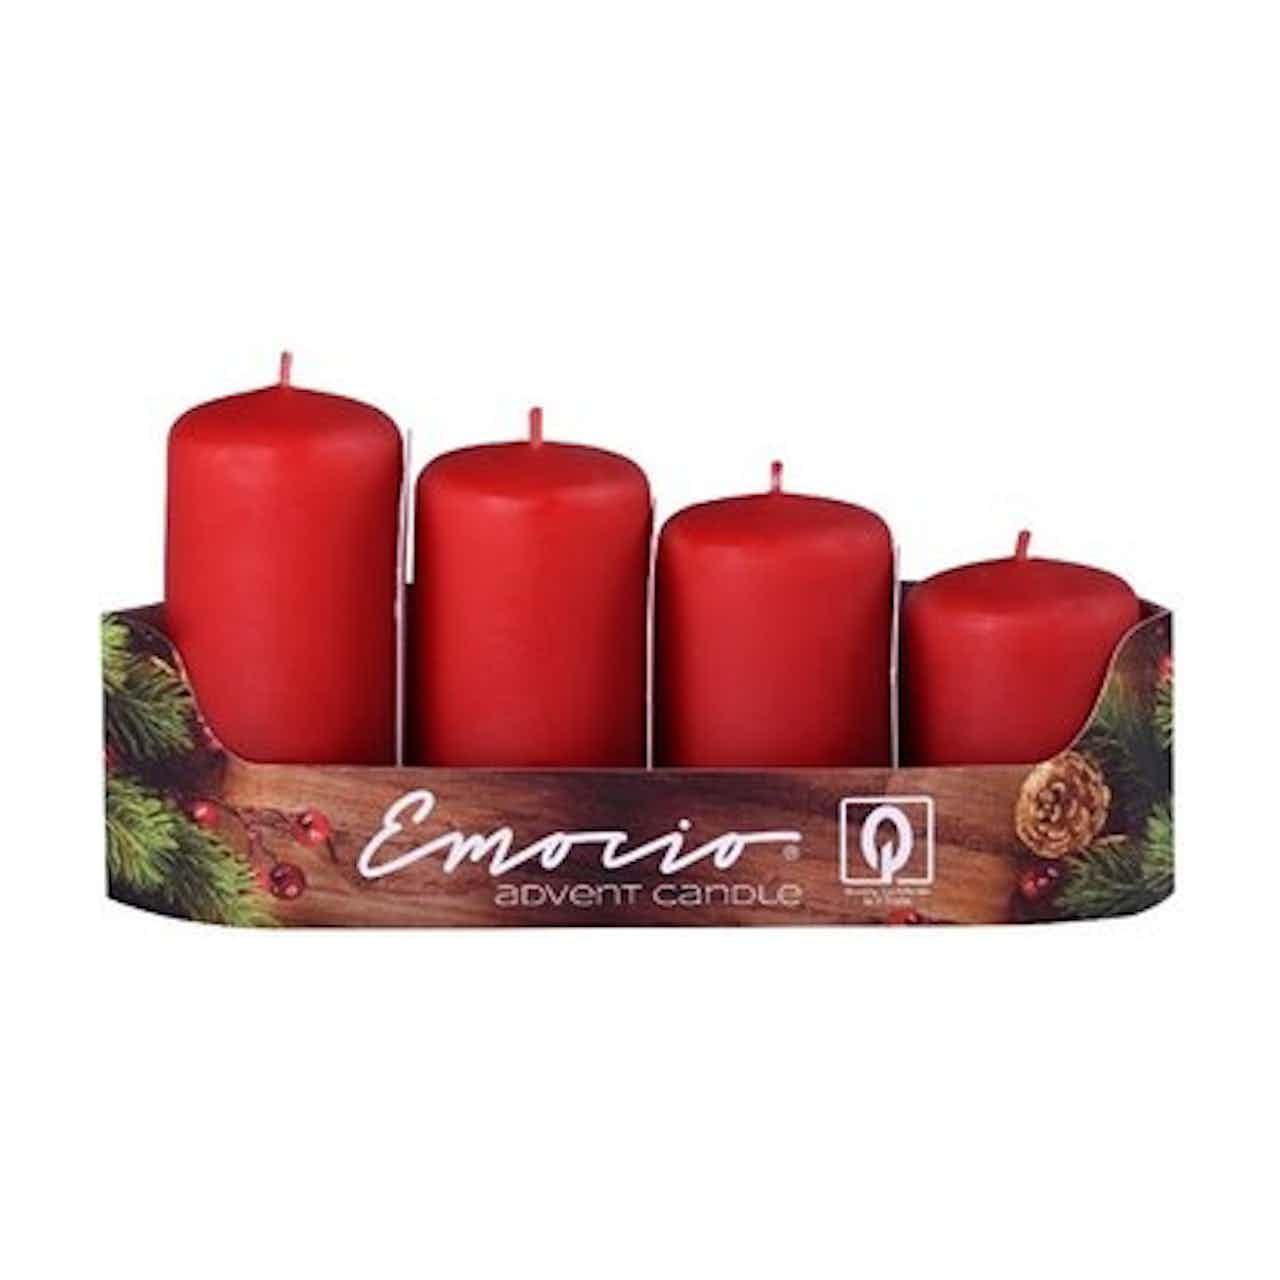 Svíčky adventní stupňovité 4 ks, pr. 40 mm, červené